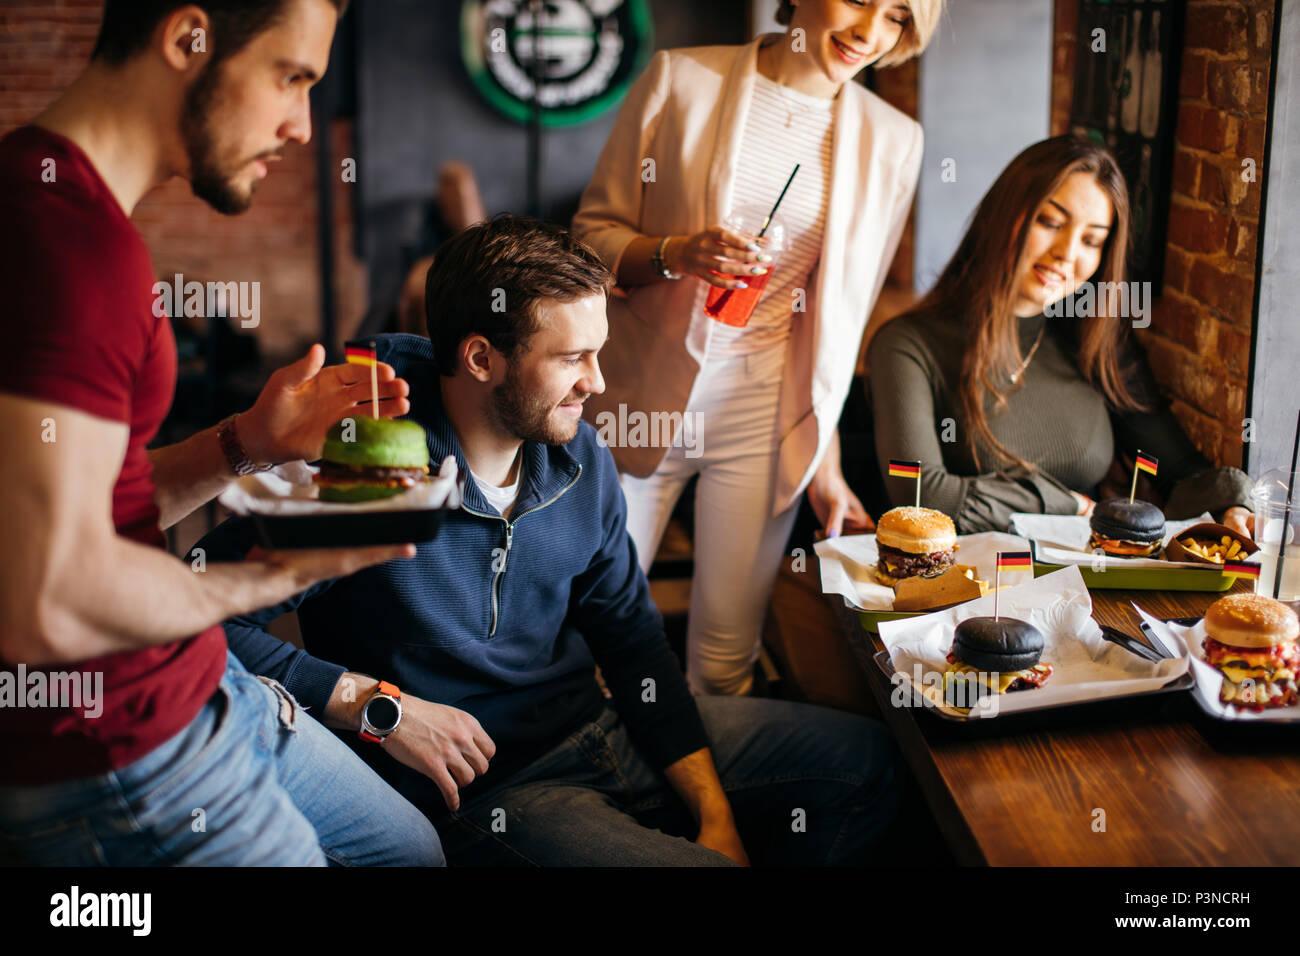 Gentile giovane cameriere portare ordinato hamburger per gli ospiti presso il ristorante Immagini Stock